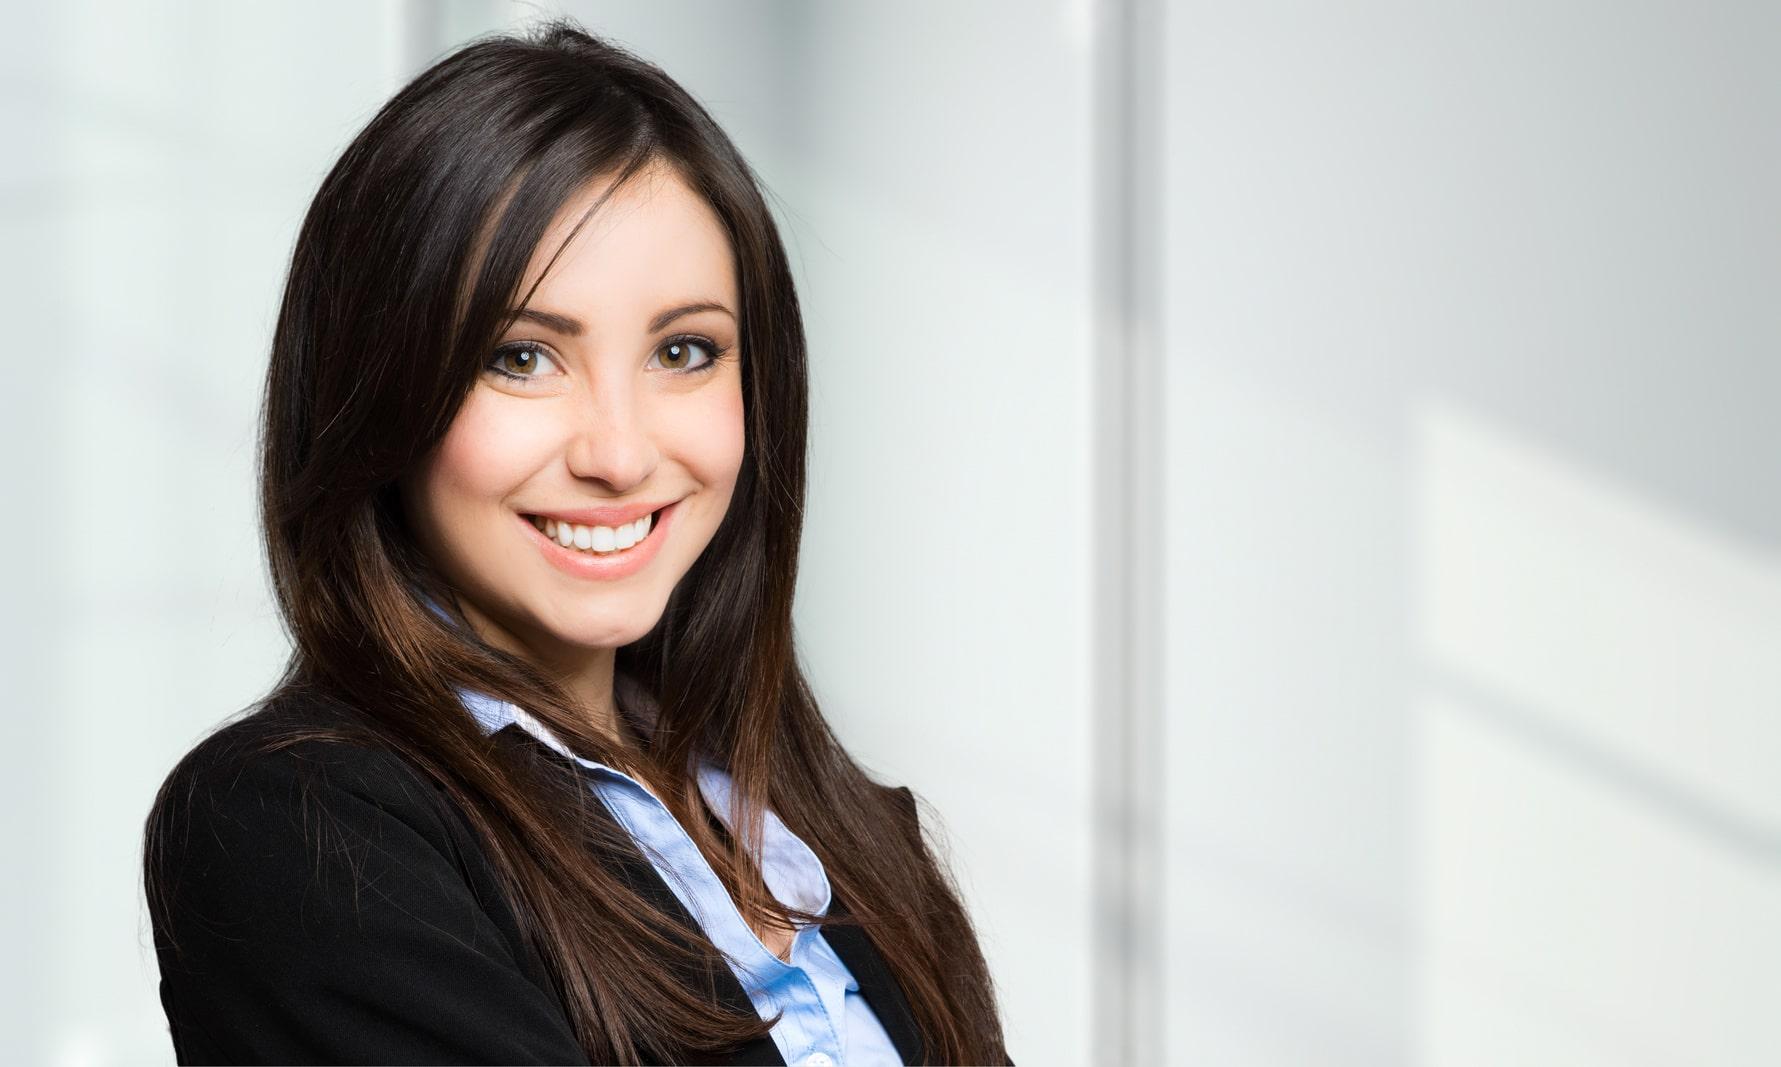 Eine junge Frau mit Schulterlangen braunen, glatten Haaren lächelt freundlich und ist sichtbar erleichtert, dass Sie mit dem Programm der unibee Institute, ihr Selbstbewusstsein stärken konnte und eine dauerhaft positive Balance spürt. Sie ist bekleidet mit einem hellblauen Hemd und einer schwarzen Jacketjacke aus Samt. Im Hintergrund ist eine weisse Tür zu sehen.